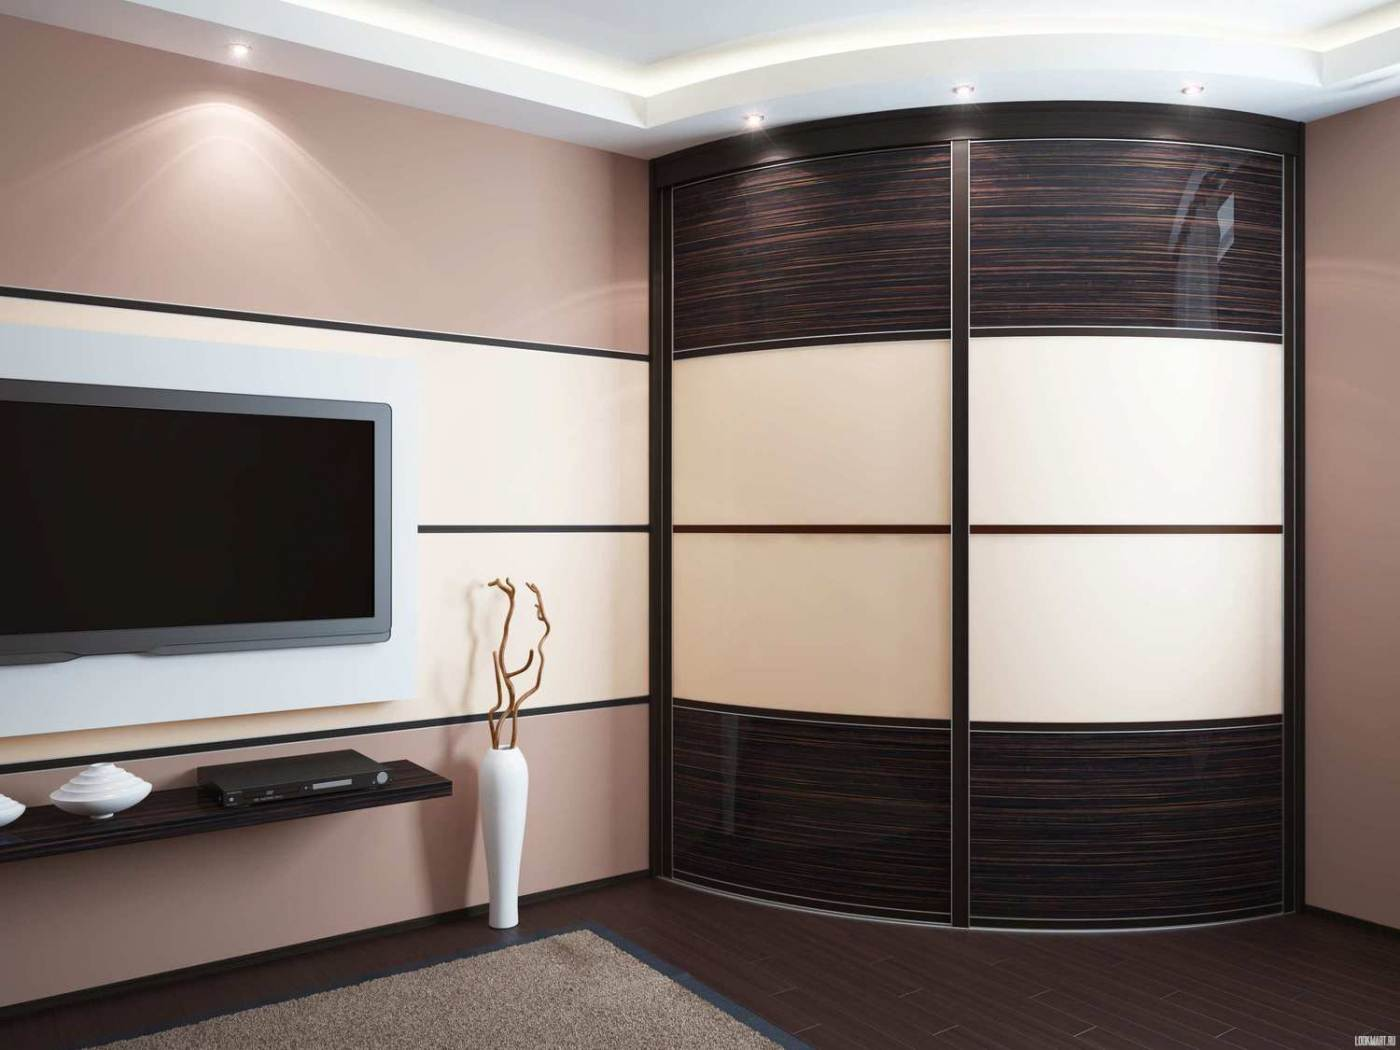 За счет габаритов данная мебель позволит вместить большое количество вещей